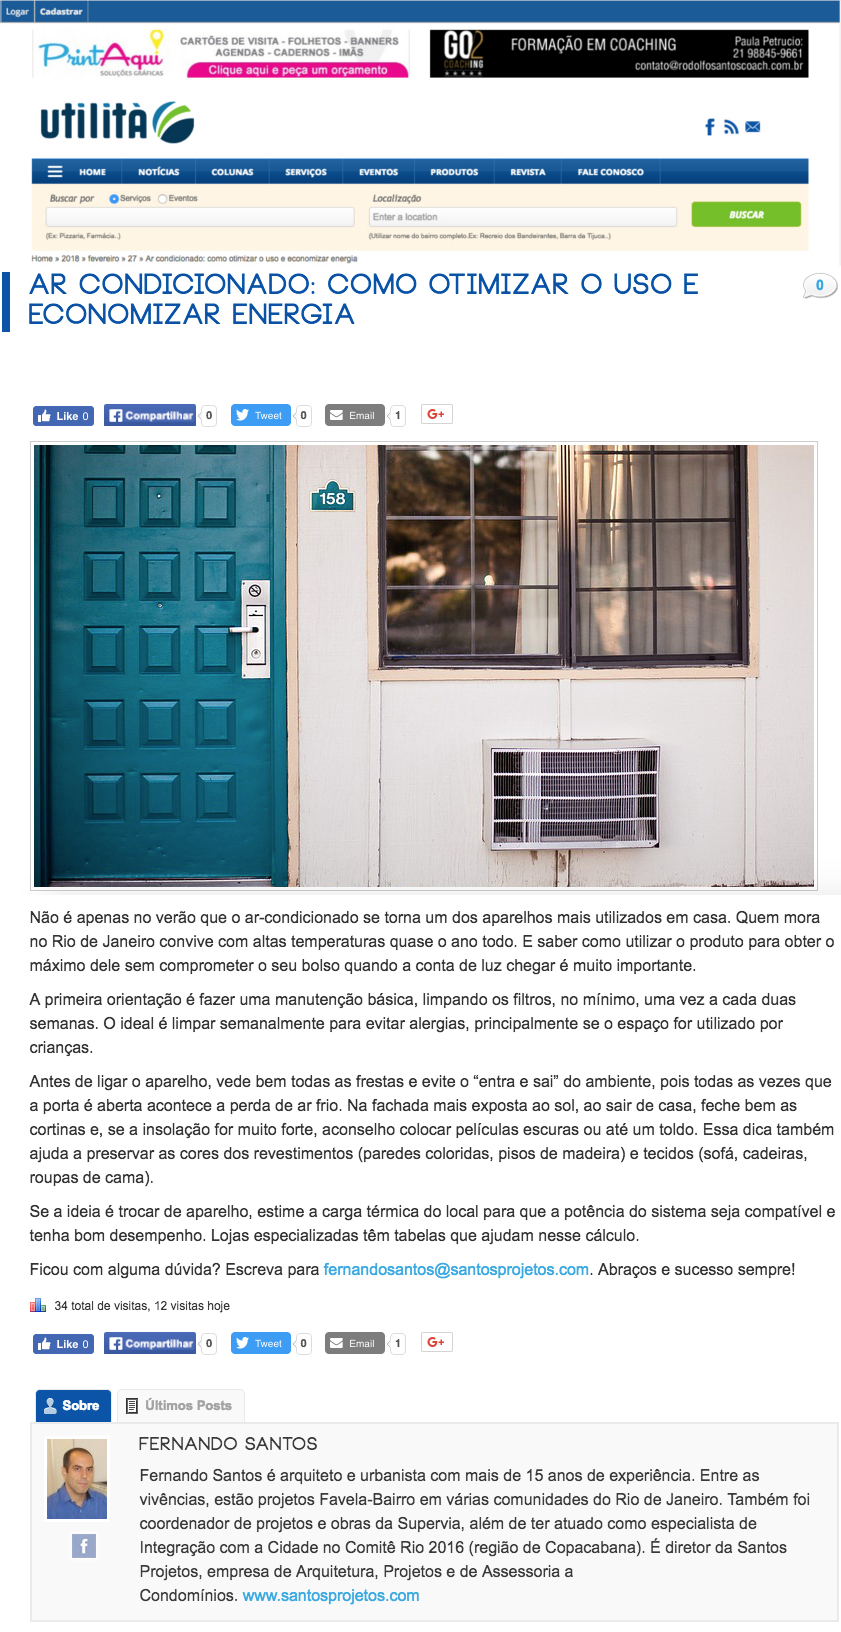 Coluna Portal Utilità: ar condicionado – como otimizar o uso e economizar energia